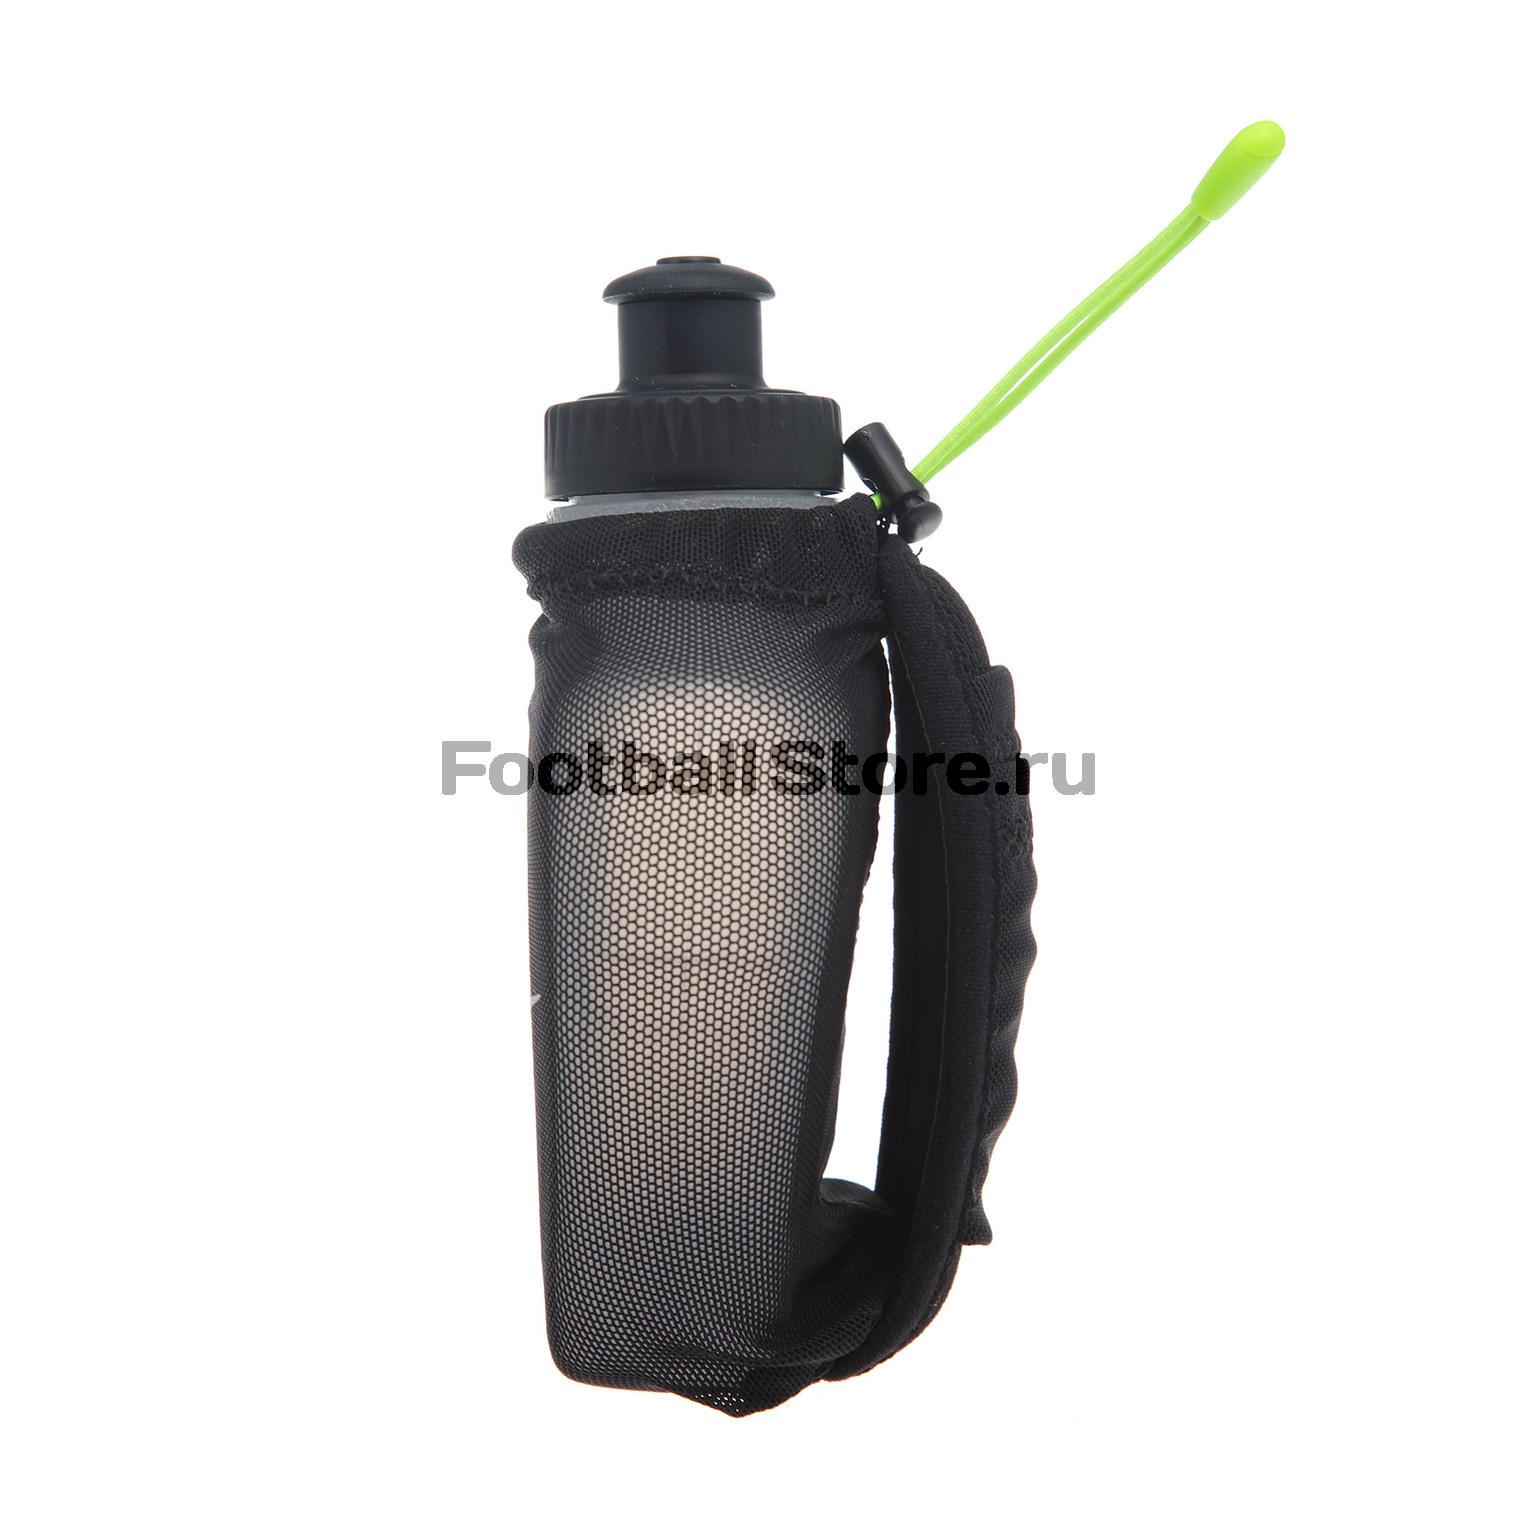 Спортинвентарь Nike Бутылка для воды с держателем Nike Lean 6 OZ Hand N.RL.49.023.NS спортинвентарь nike чехол для смартфона на руку nike lean arm band n rn 65 082 os